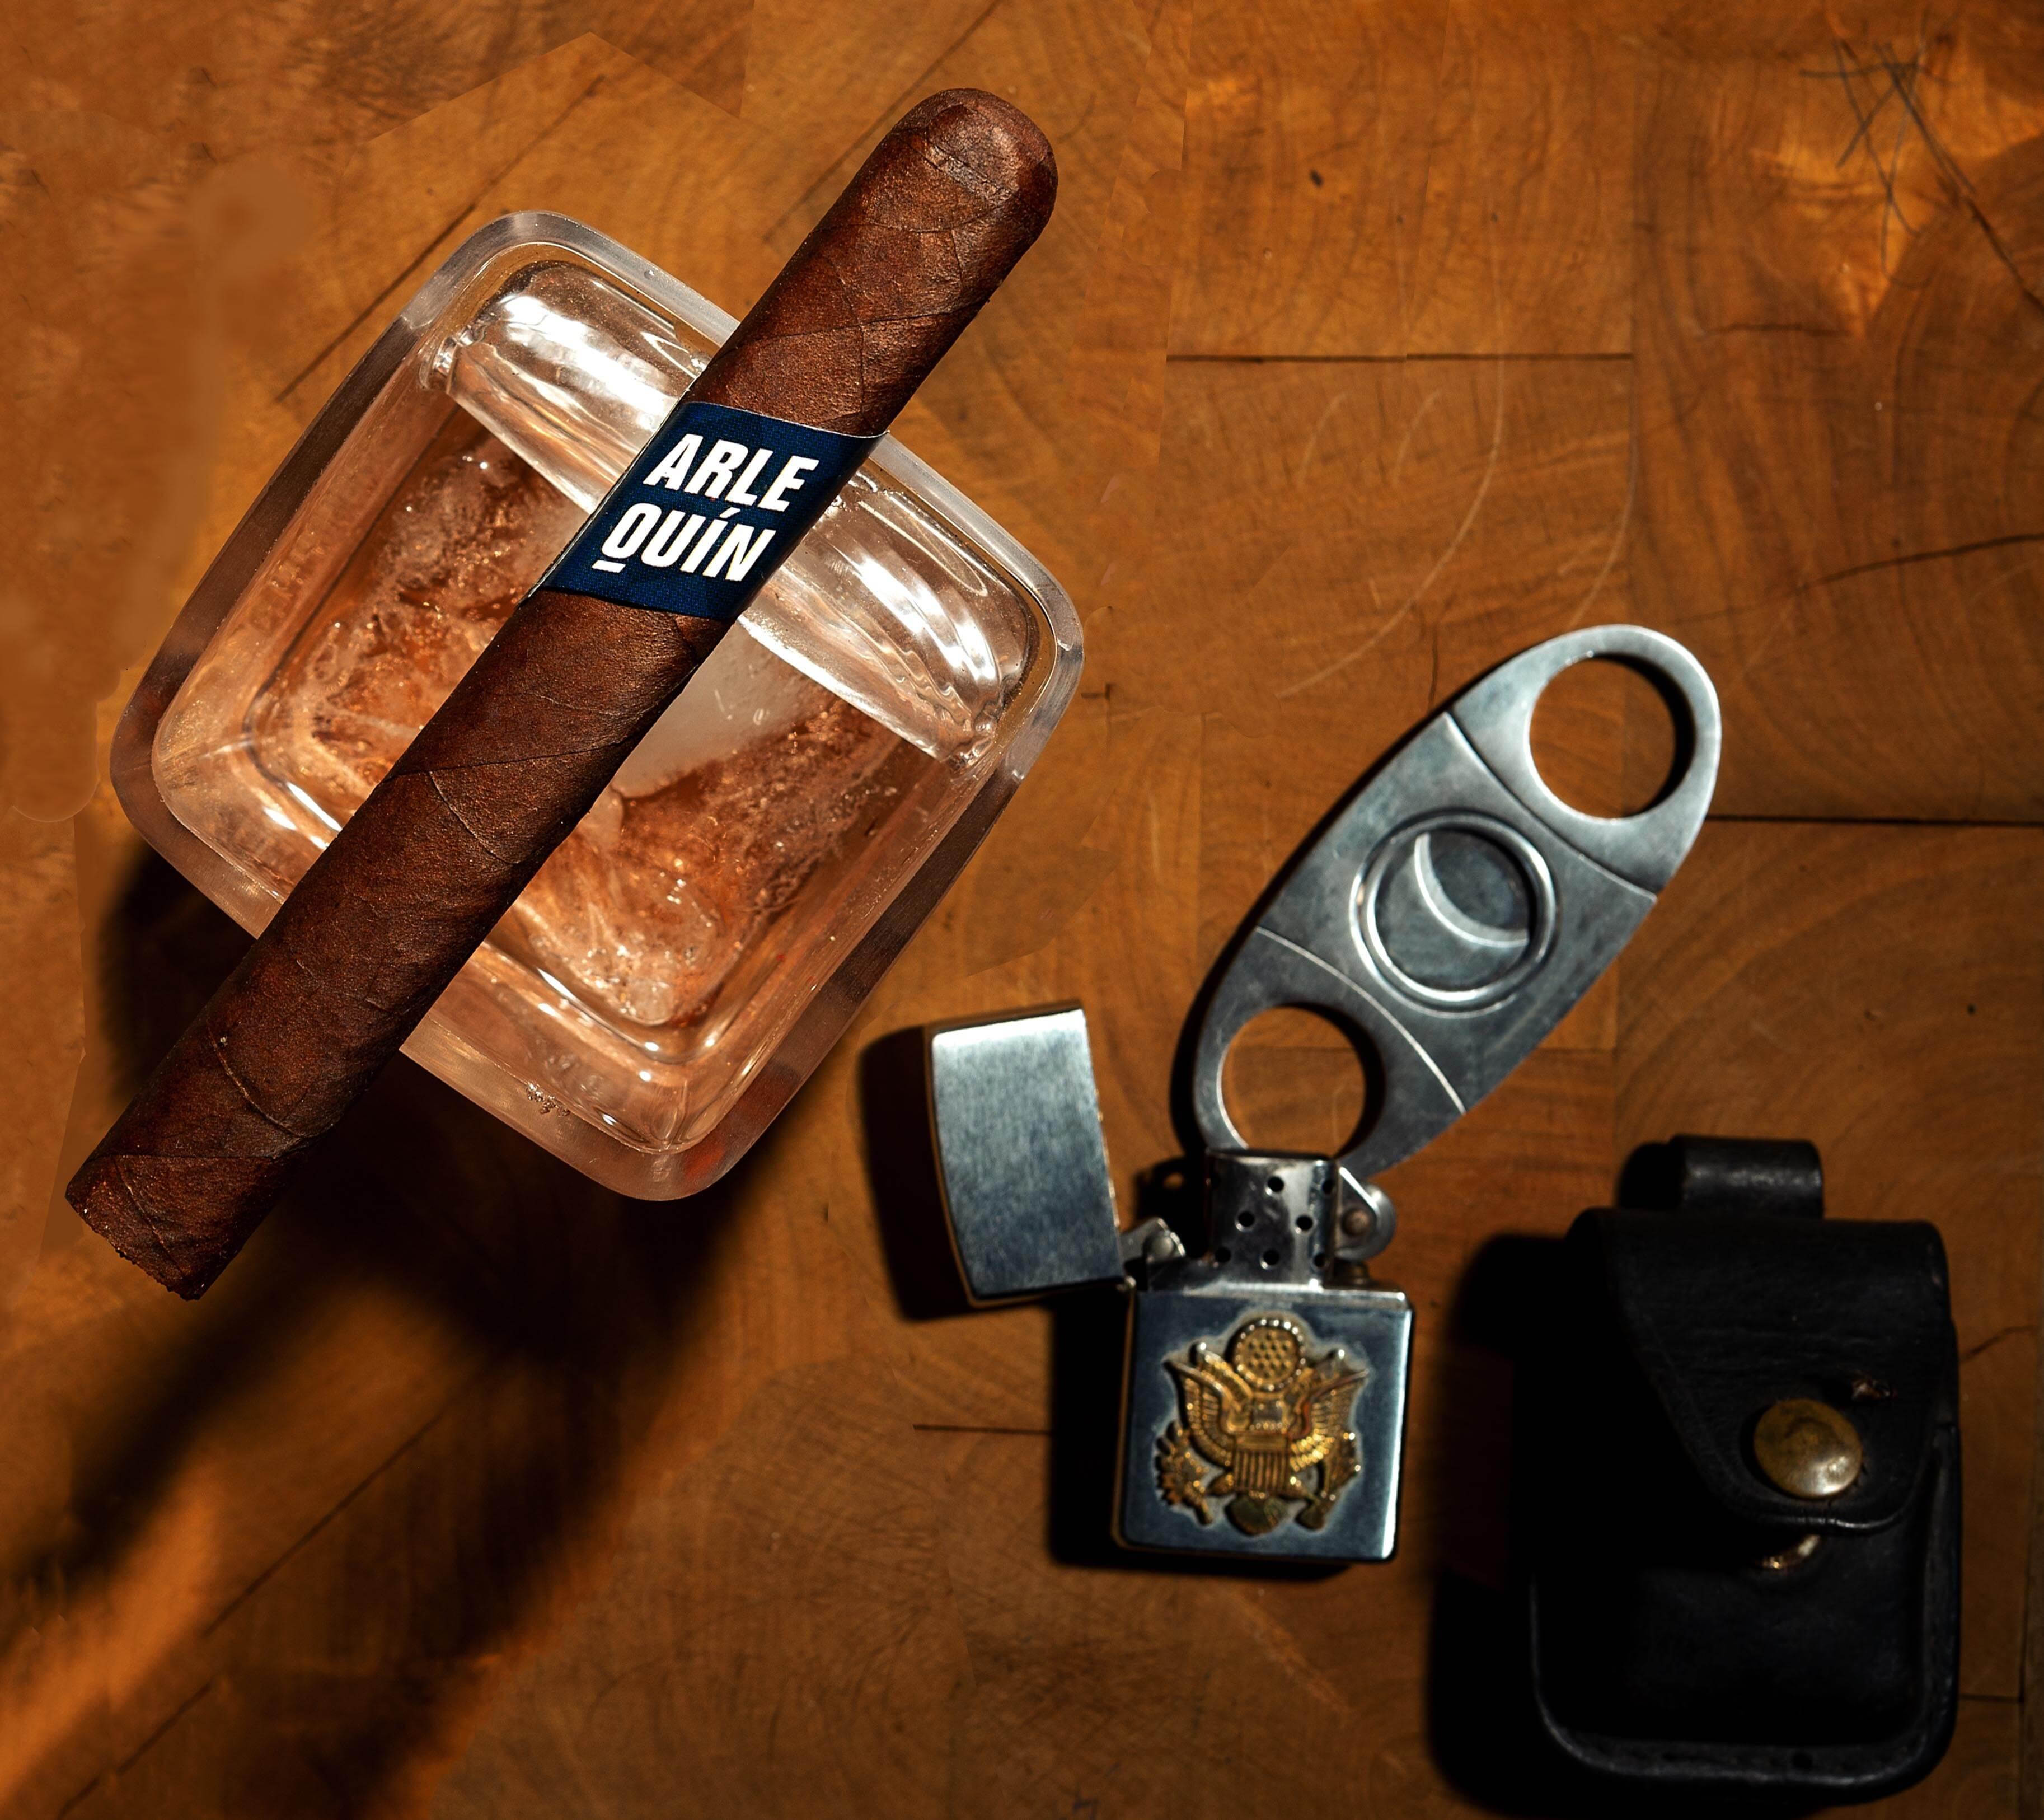 Cigar News: Fratello Announces Arlequin Prensado